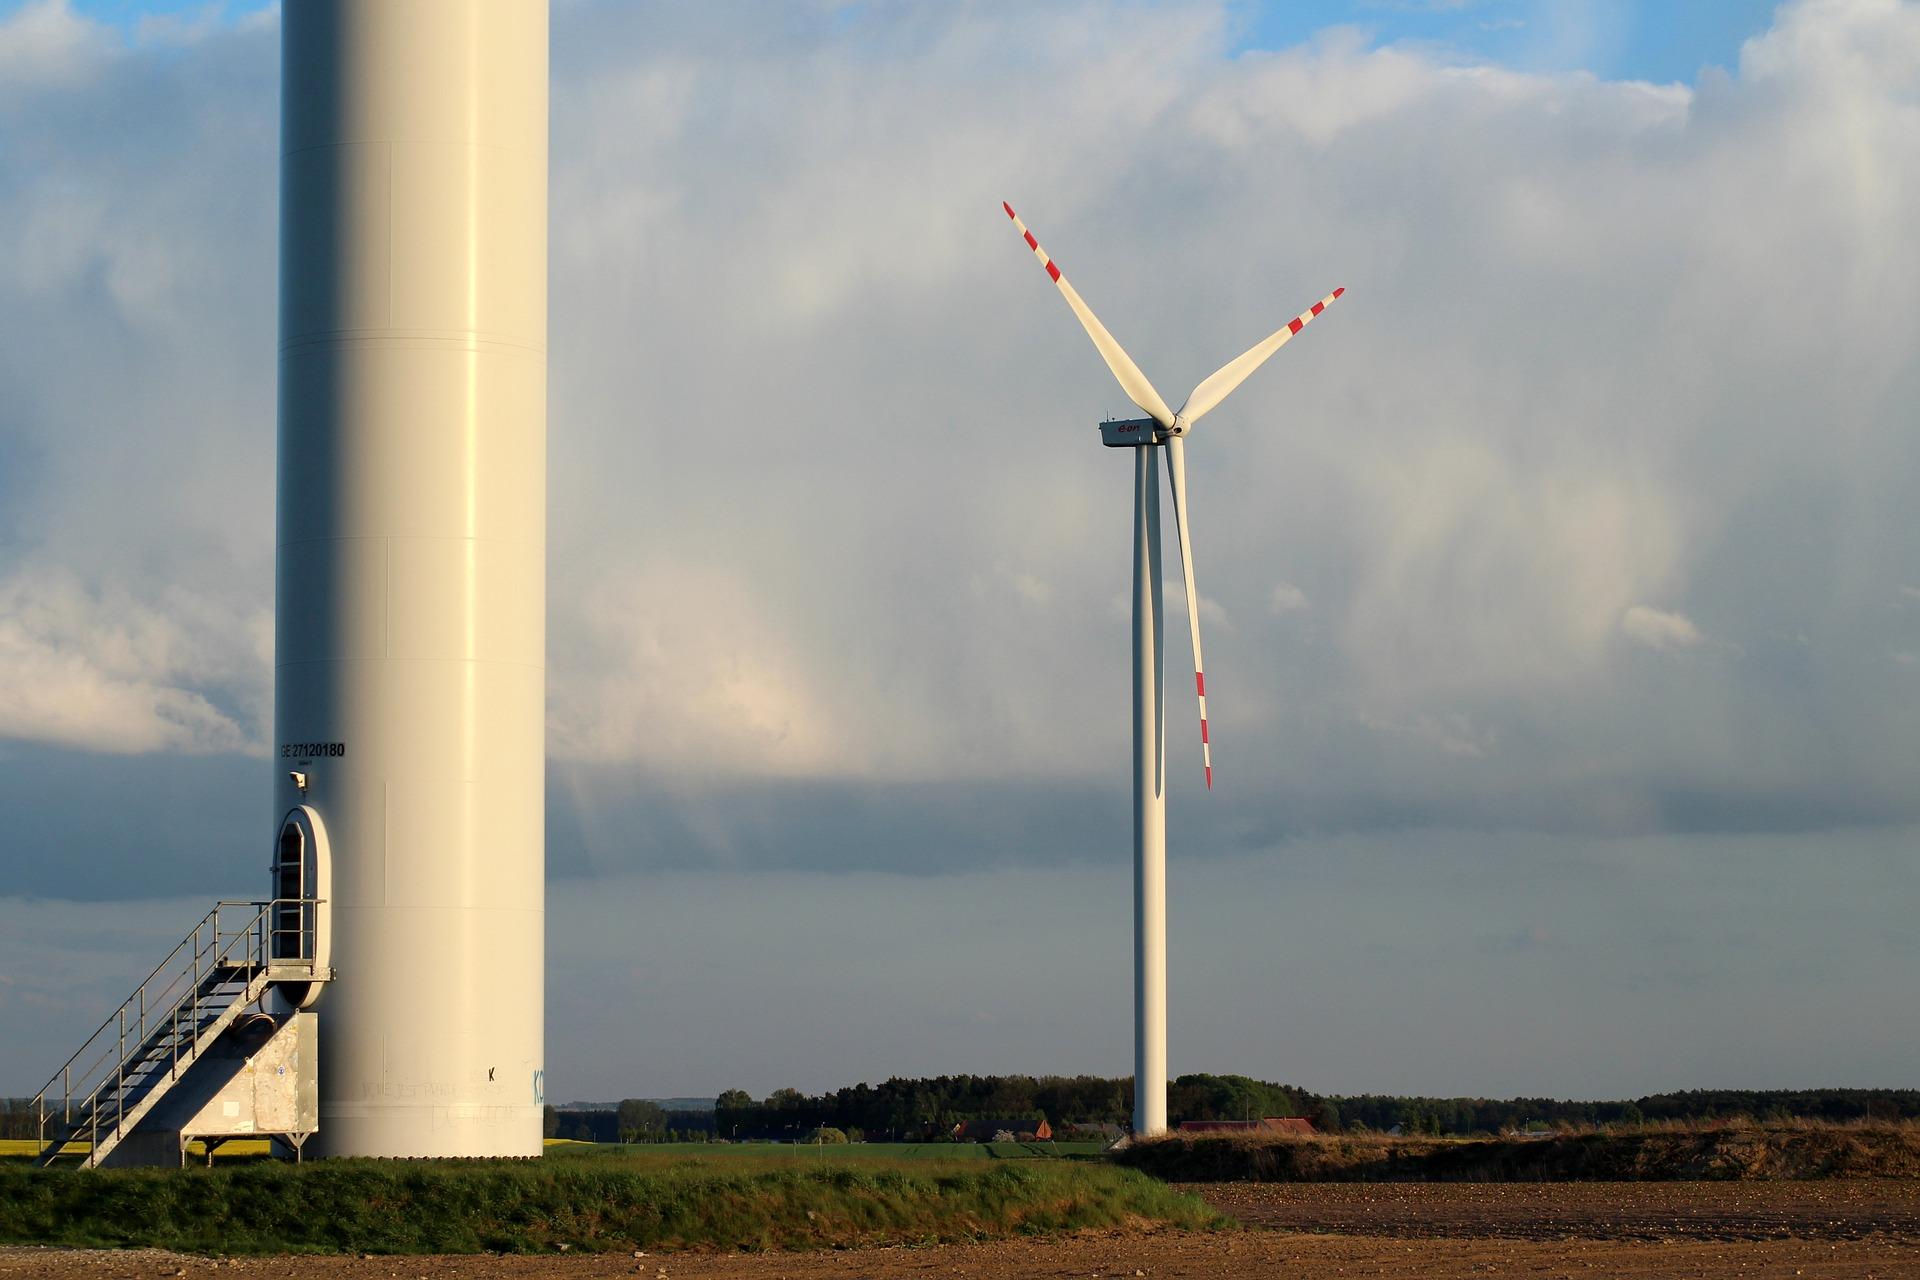 У Чорнобилі встановлять вітрову турбіну українського виробництва